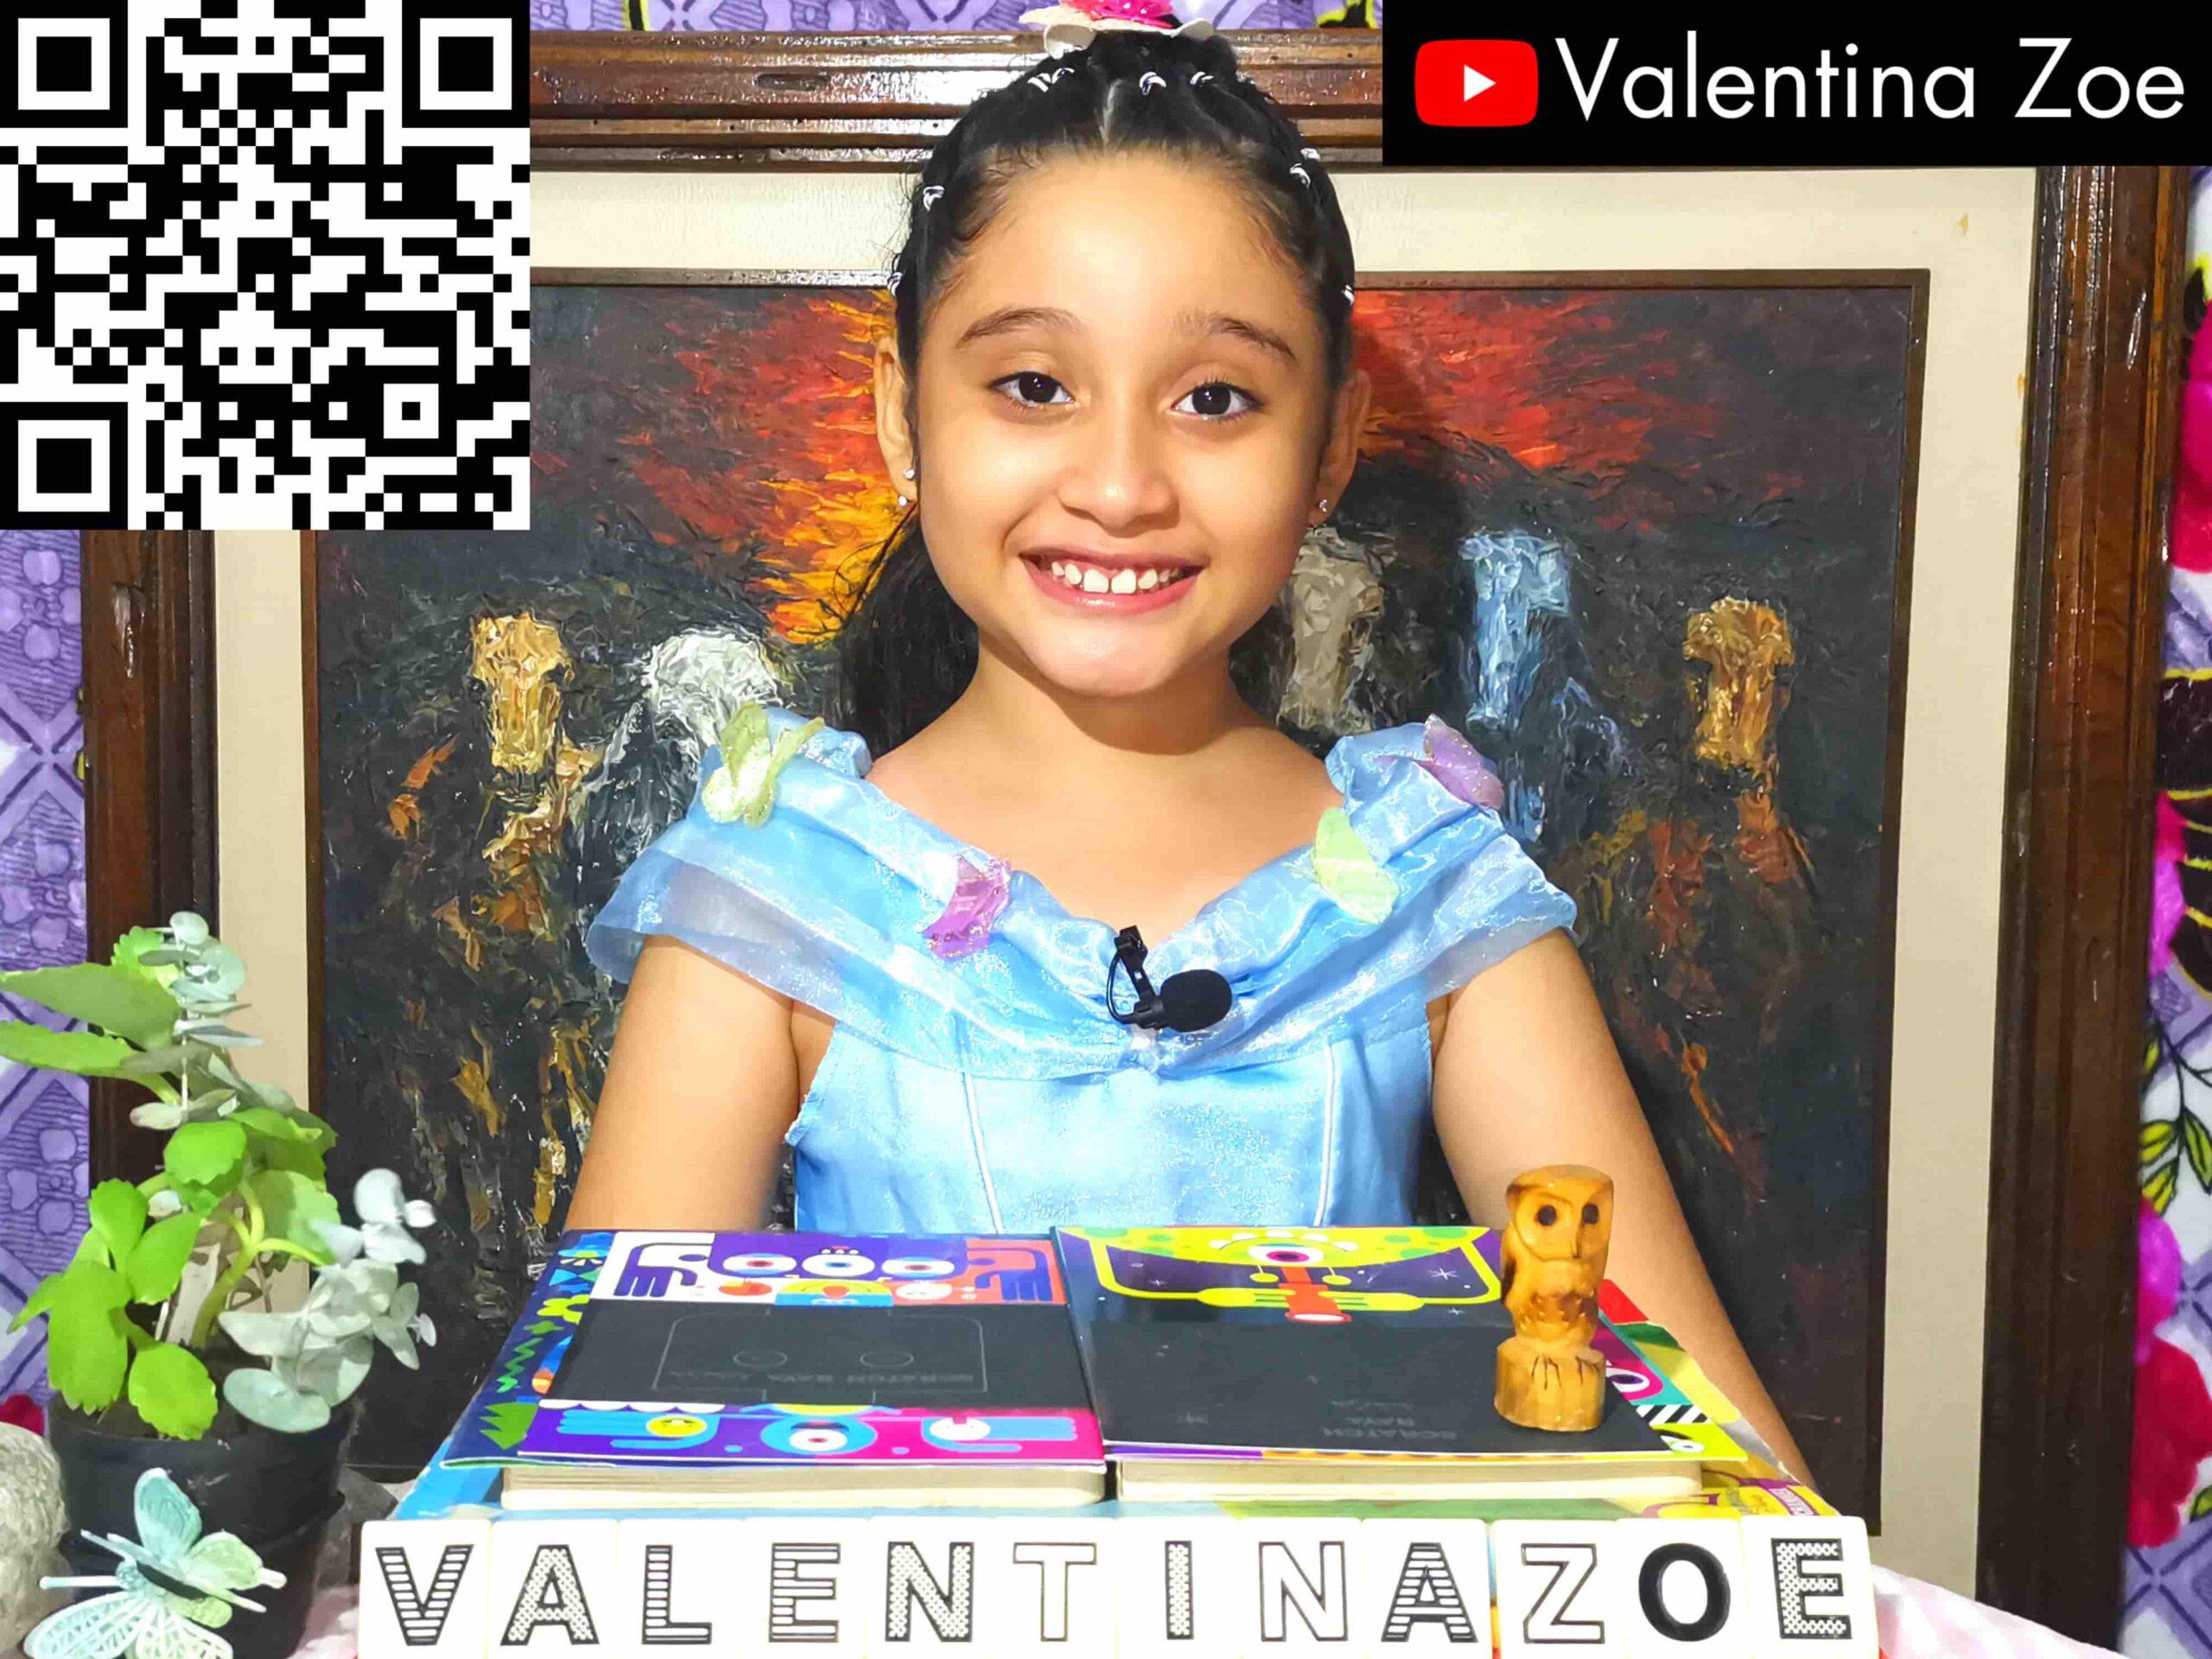 Valentina Zoe Invierno Alfredo Espino